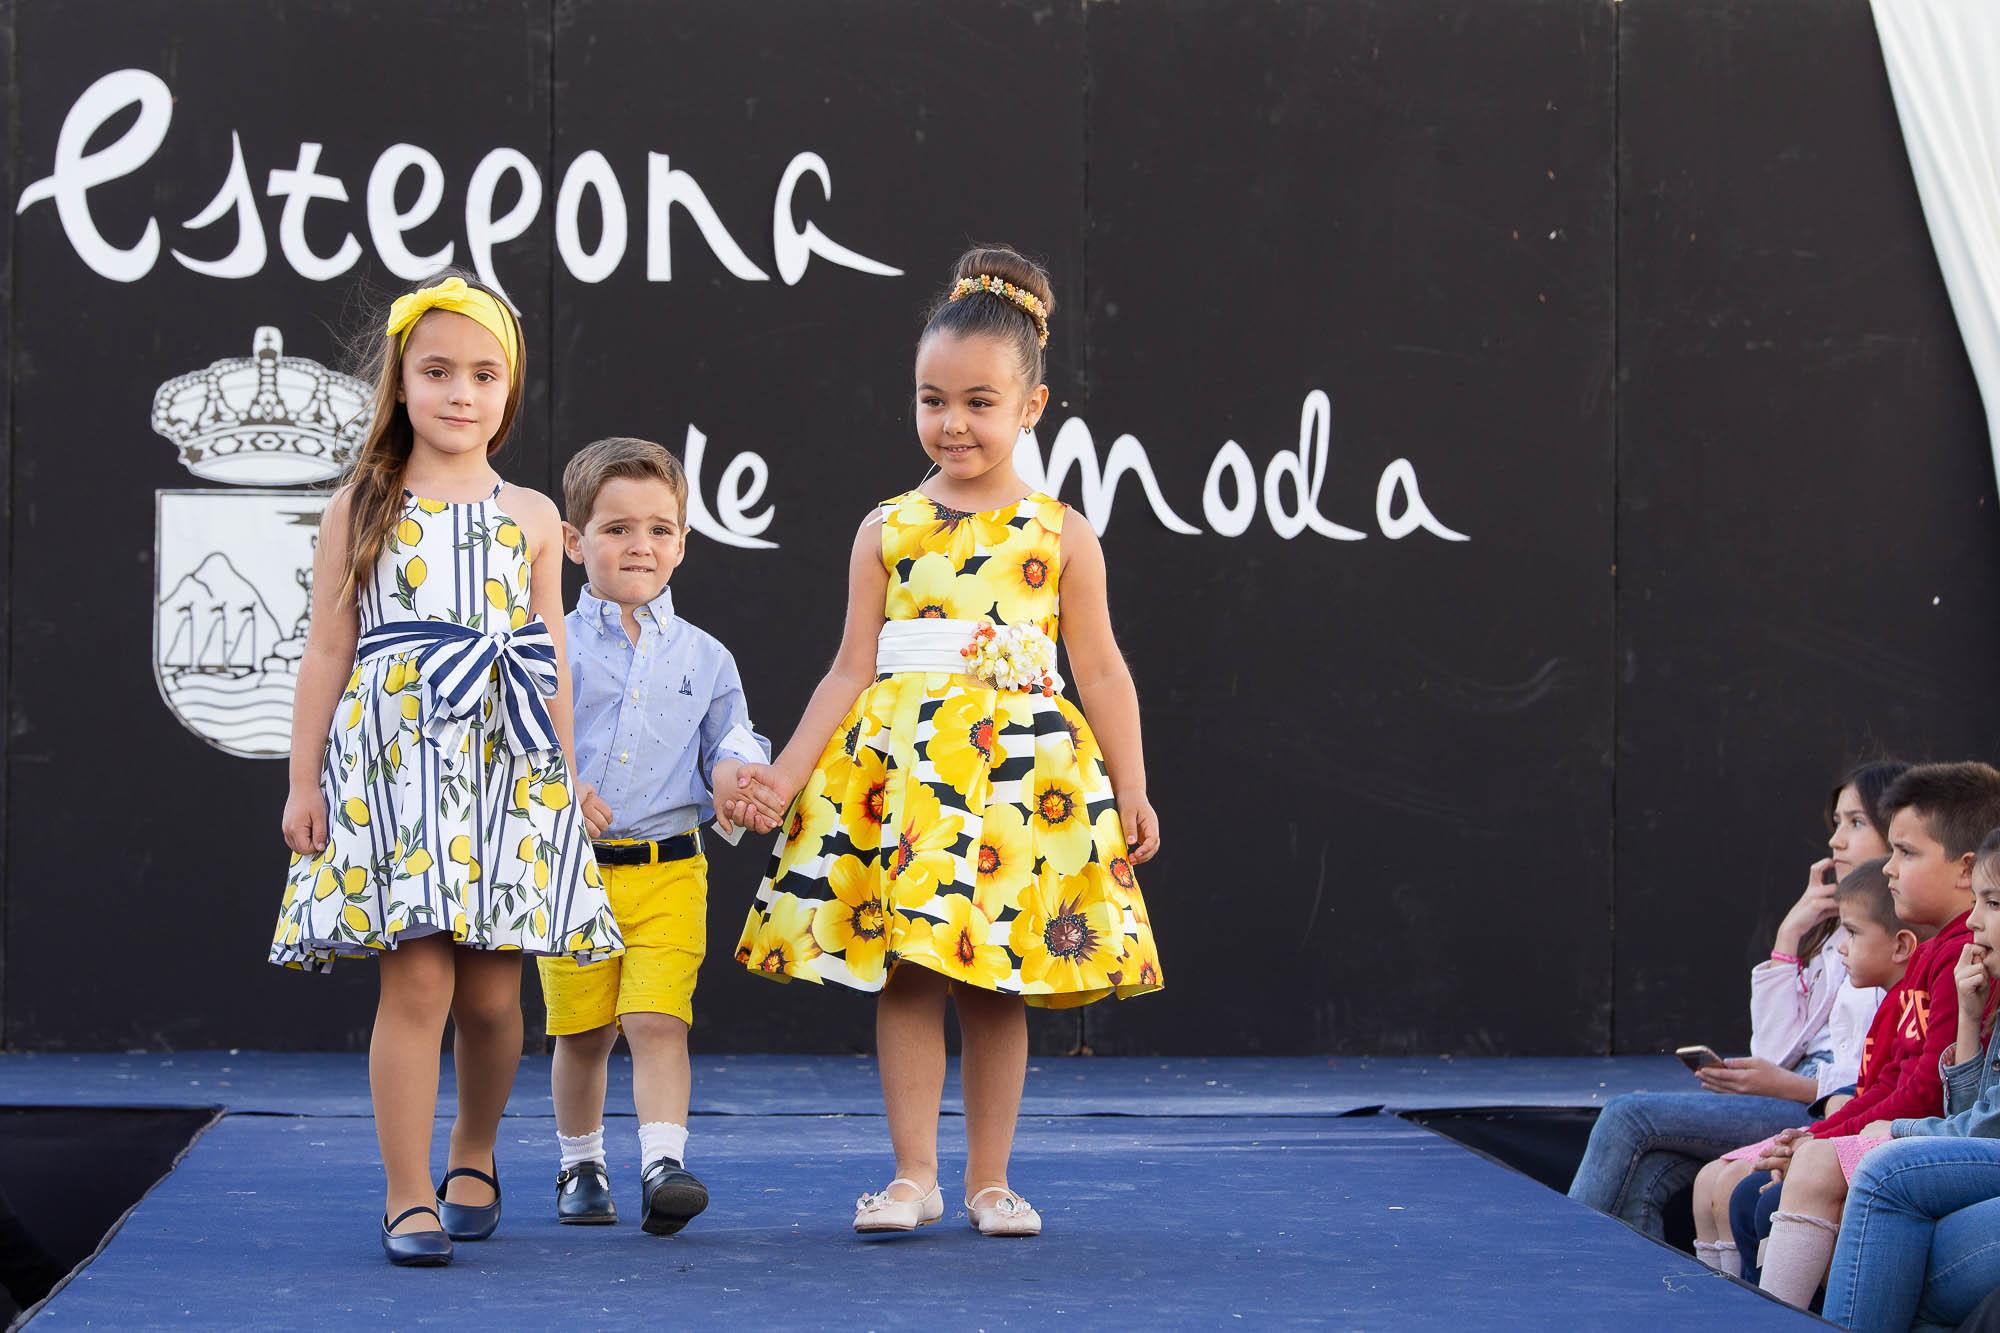 evento niños fotógrafo  photographer event kids children fineart - Eventos - 🥇Fotografo de eventos en Marbella Malaga Fuengirola Sotogrande Banalmádena